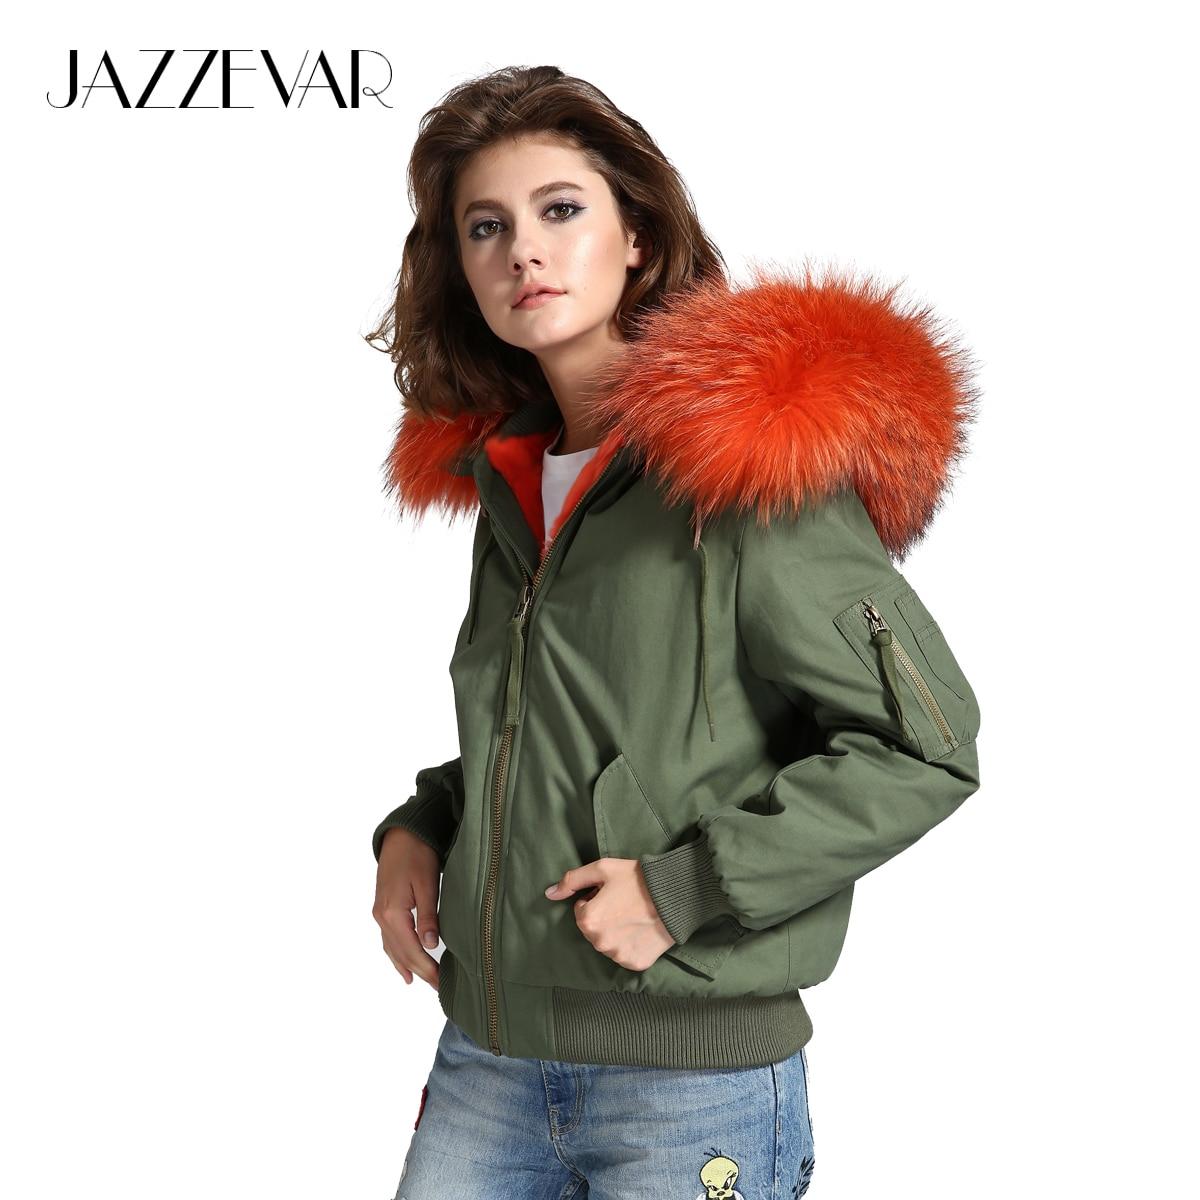 JAZZEVAR 2019 High fashion street frauen armee grün winter jacke weibliche warme bomber mantel mit kapuze große waschbären pelz outwear-in Parkas aus Damenbekleidung bei  Gruppe 1